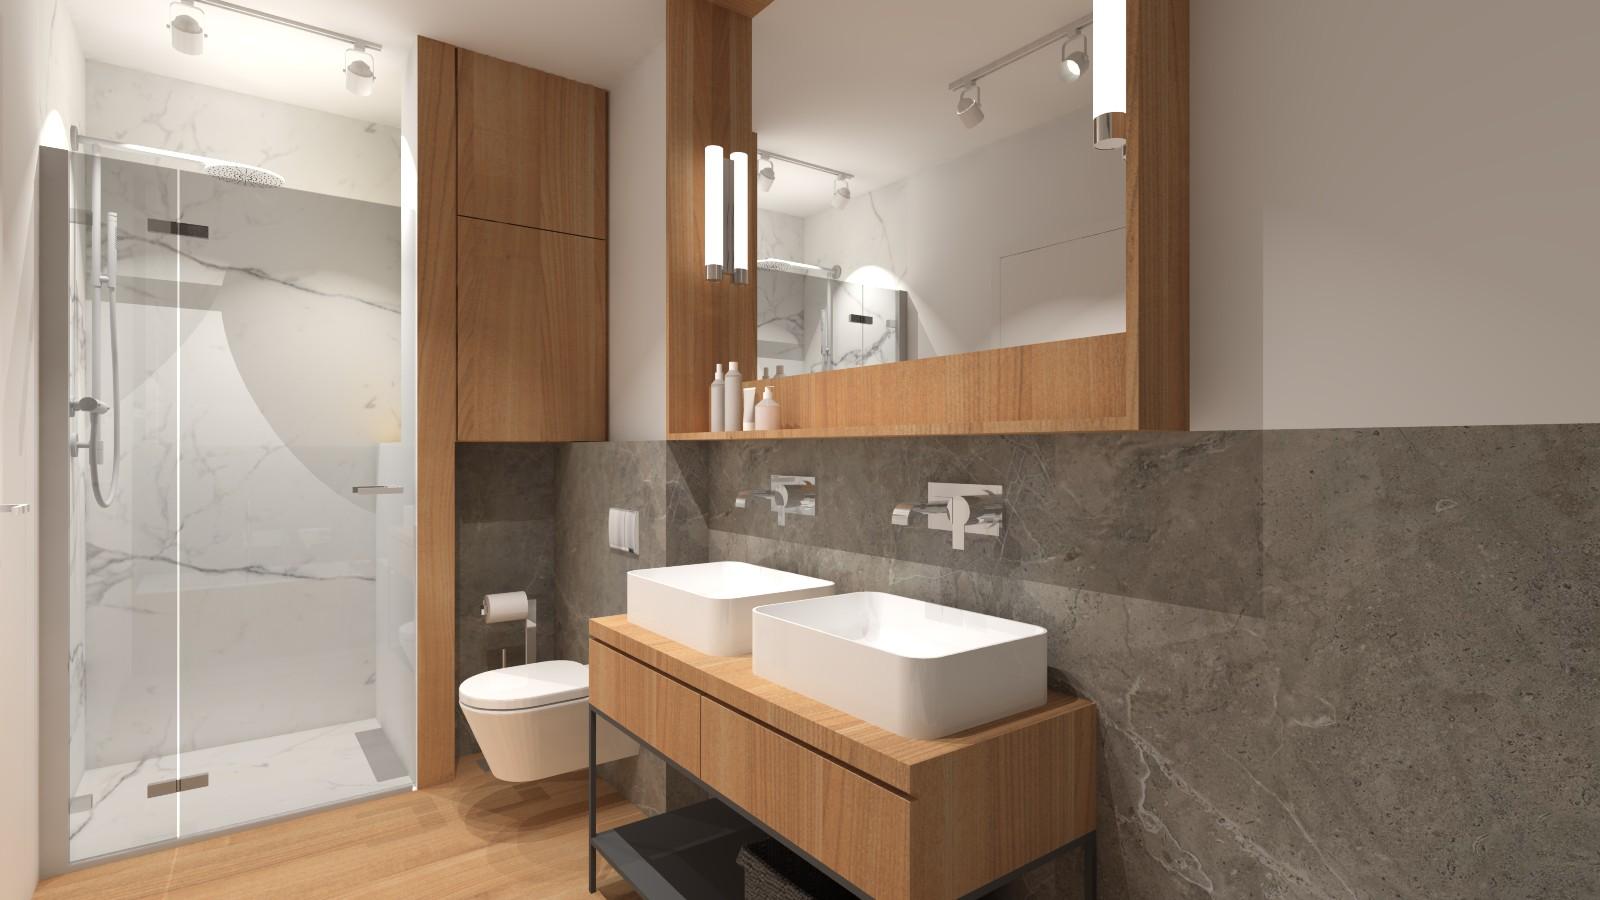 nowoczesna-lazienka-w-bloku-naturalne-kolory-kamien-drewno-szafka-loftowa-dwie-umywalki-1